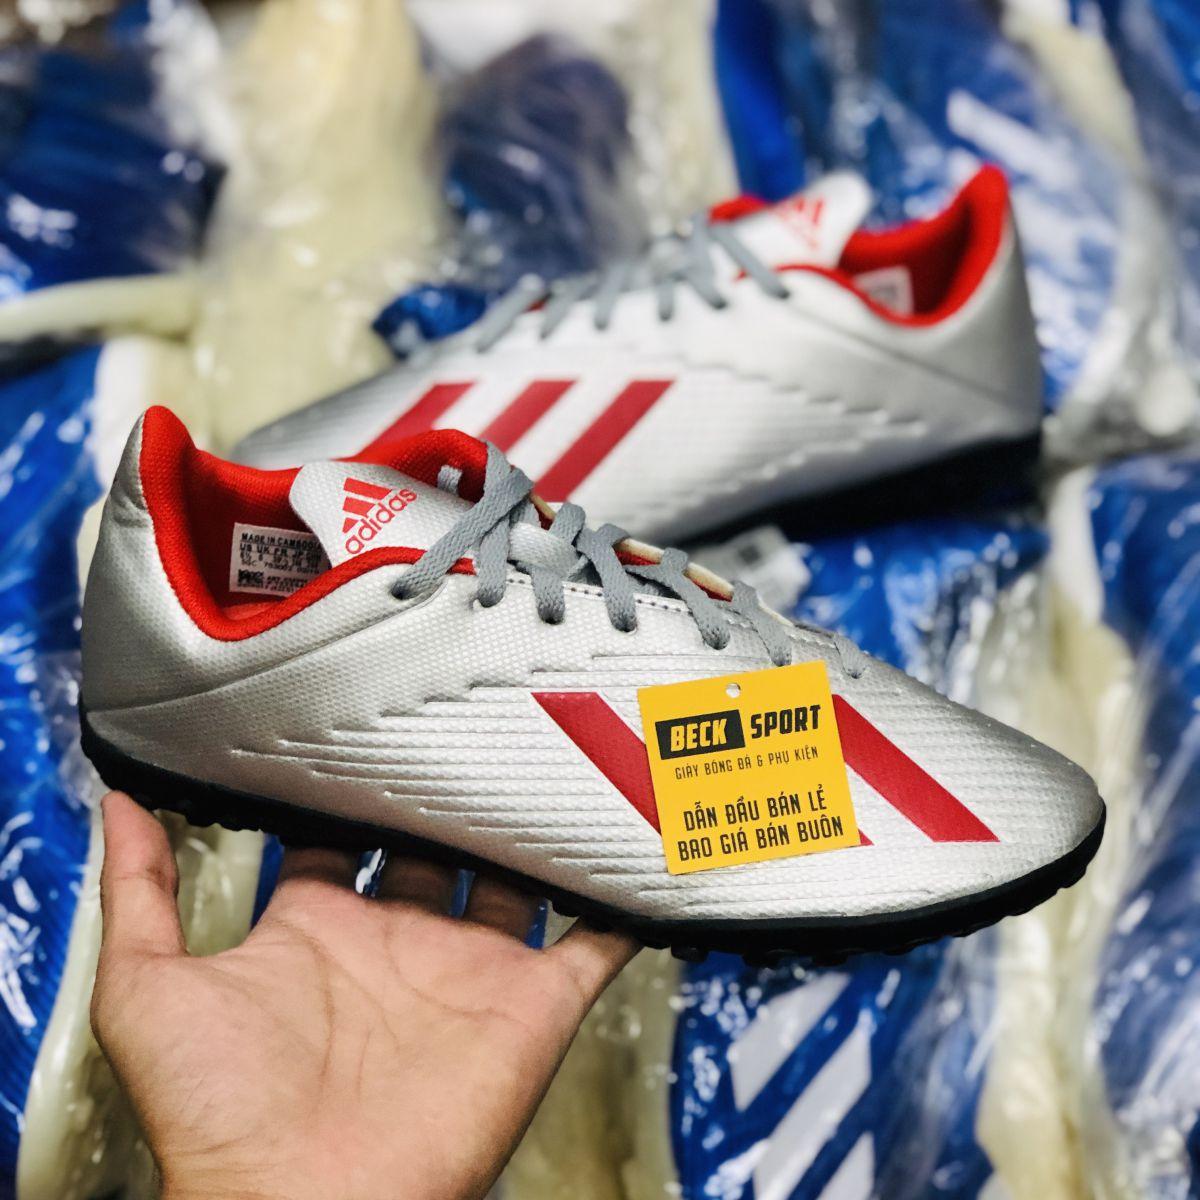 Giày Bóng Đá Adidas X 19.4 Bạc Vạch Đỏ Đế Đen TF